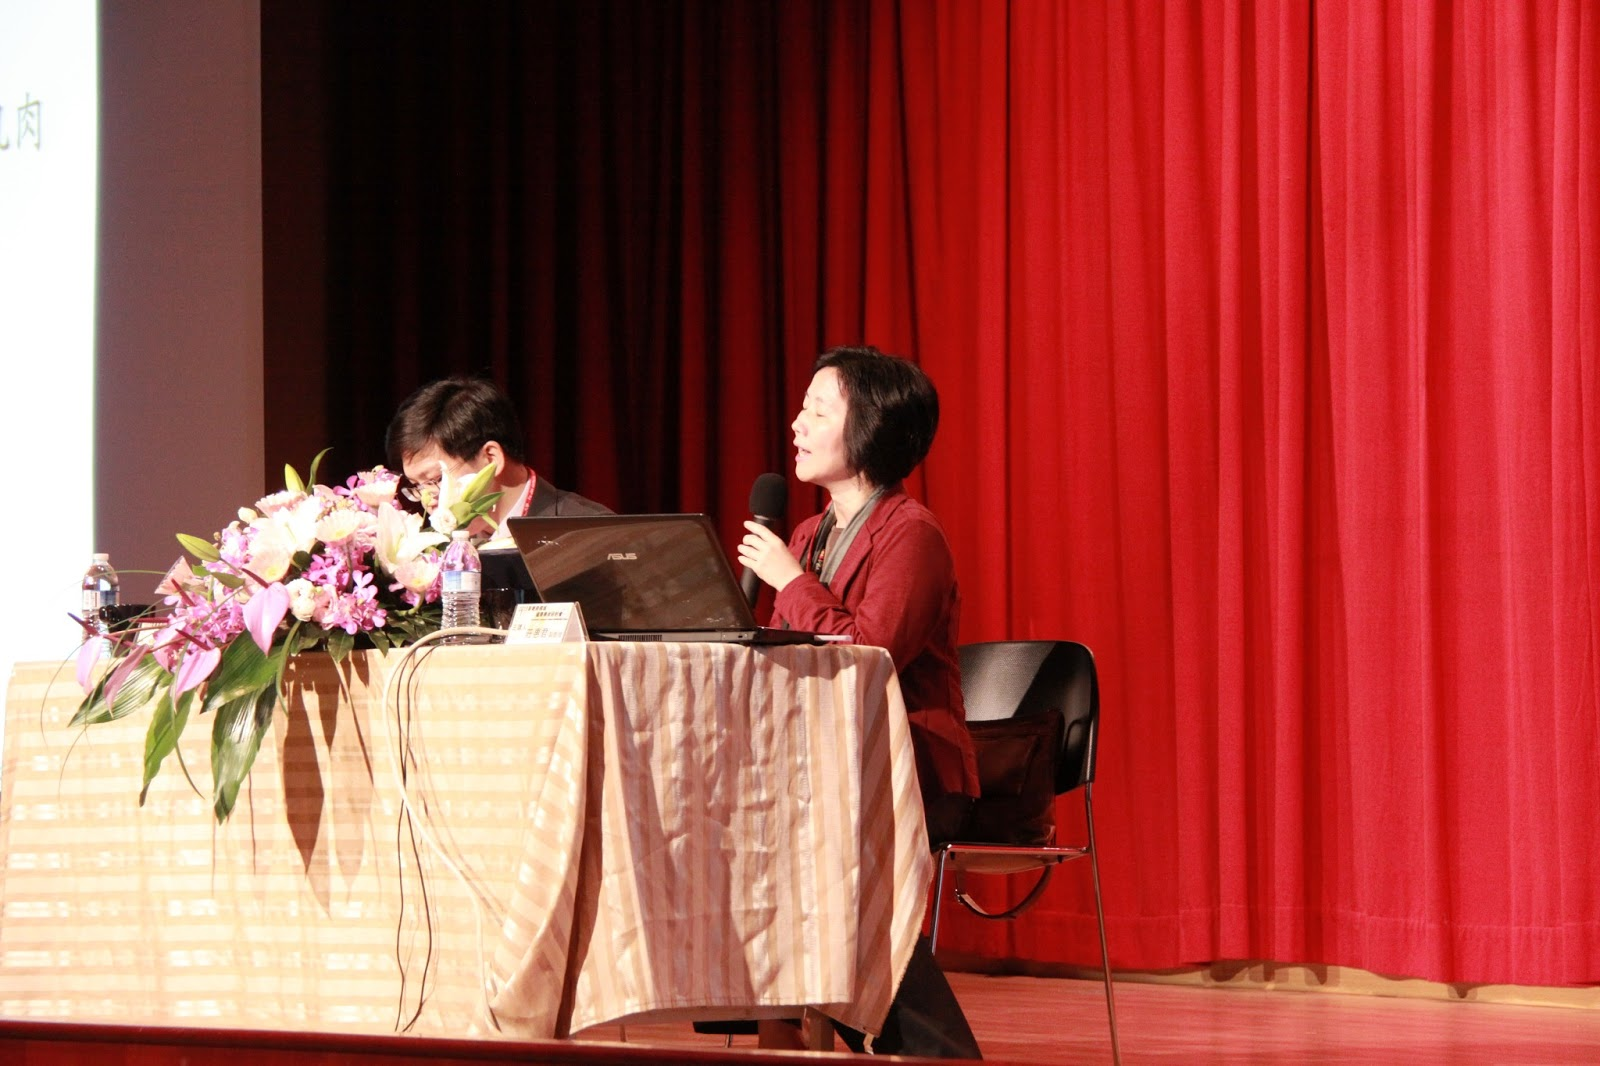 2013音樂跨領域國際學術研討會: 2013音樂跨領域國際學術研討會 論文(二) 《音樂聆聽之腦波研究》/莊惠君副教授